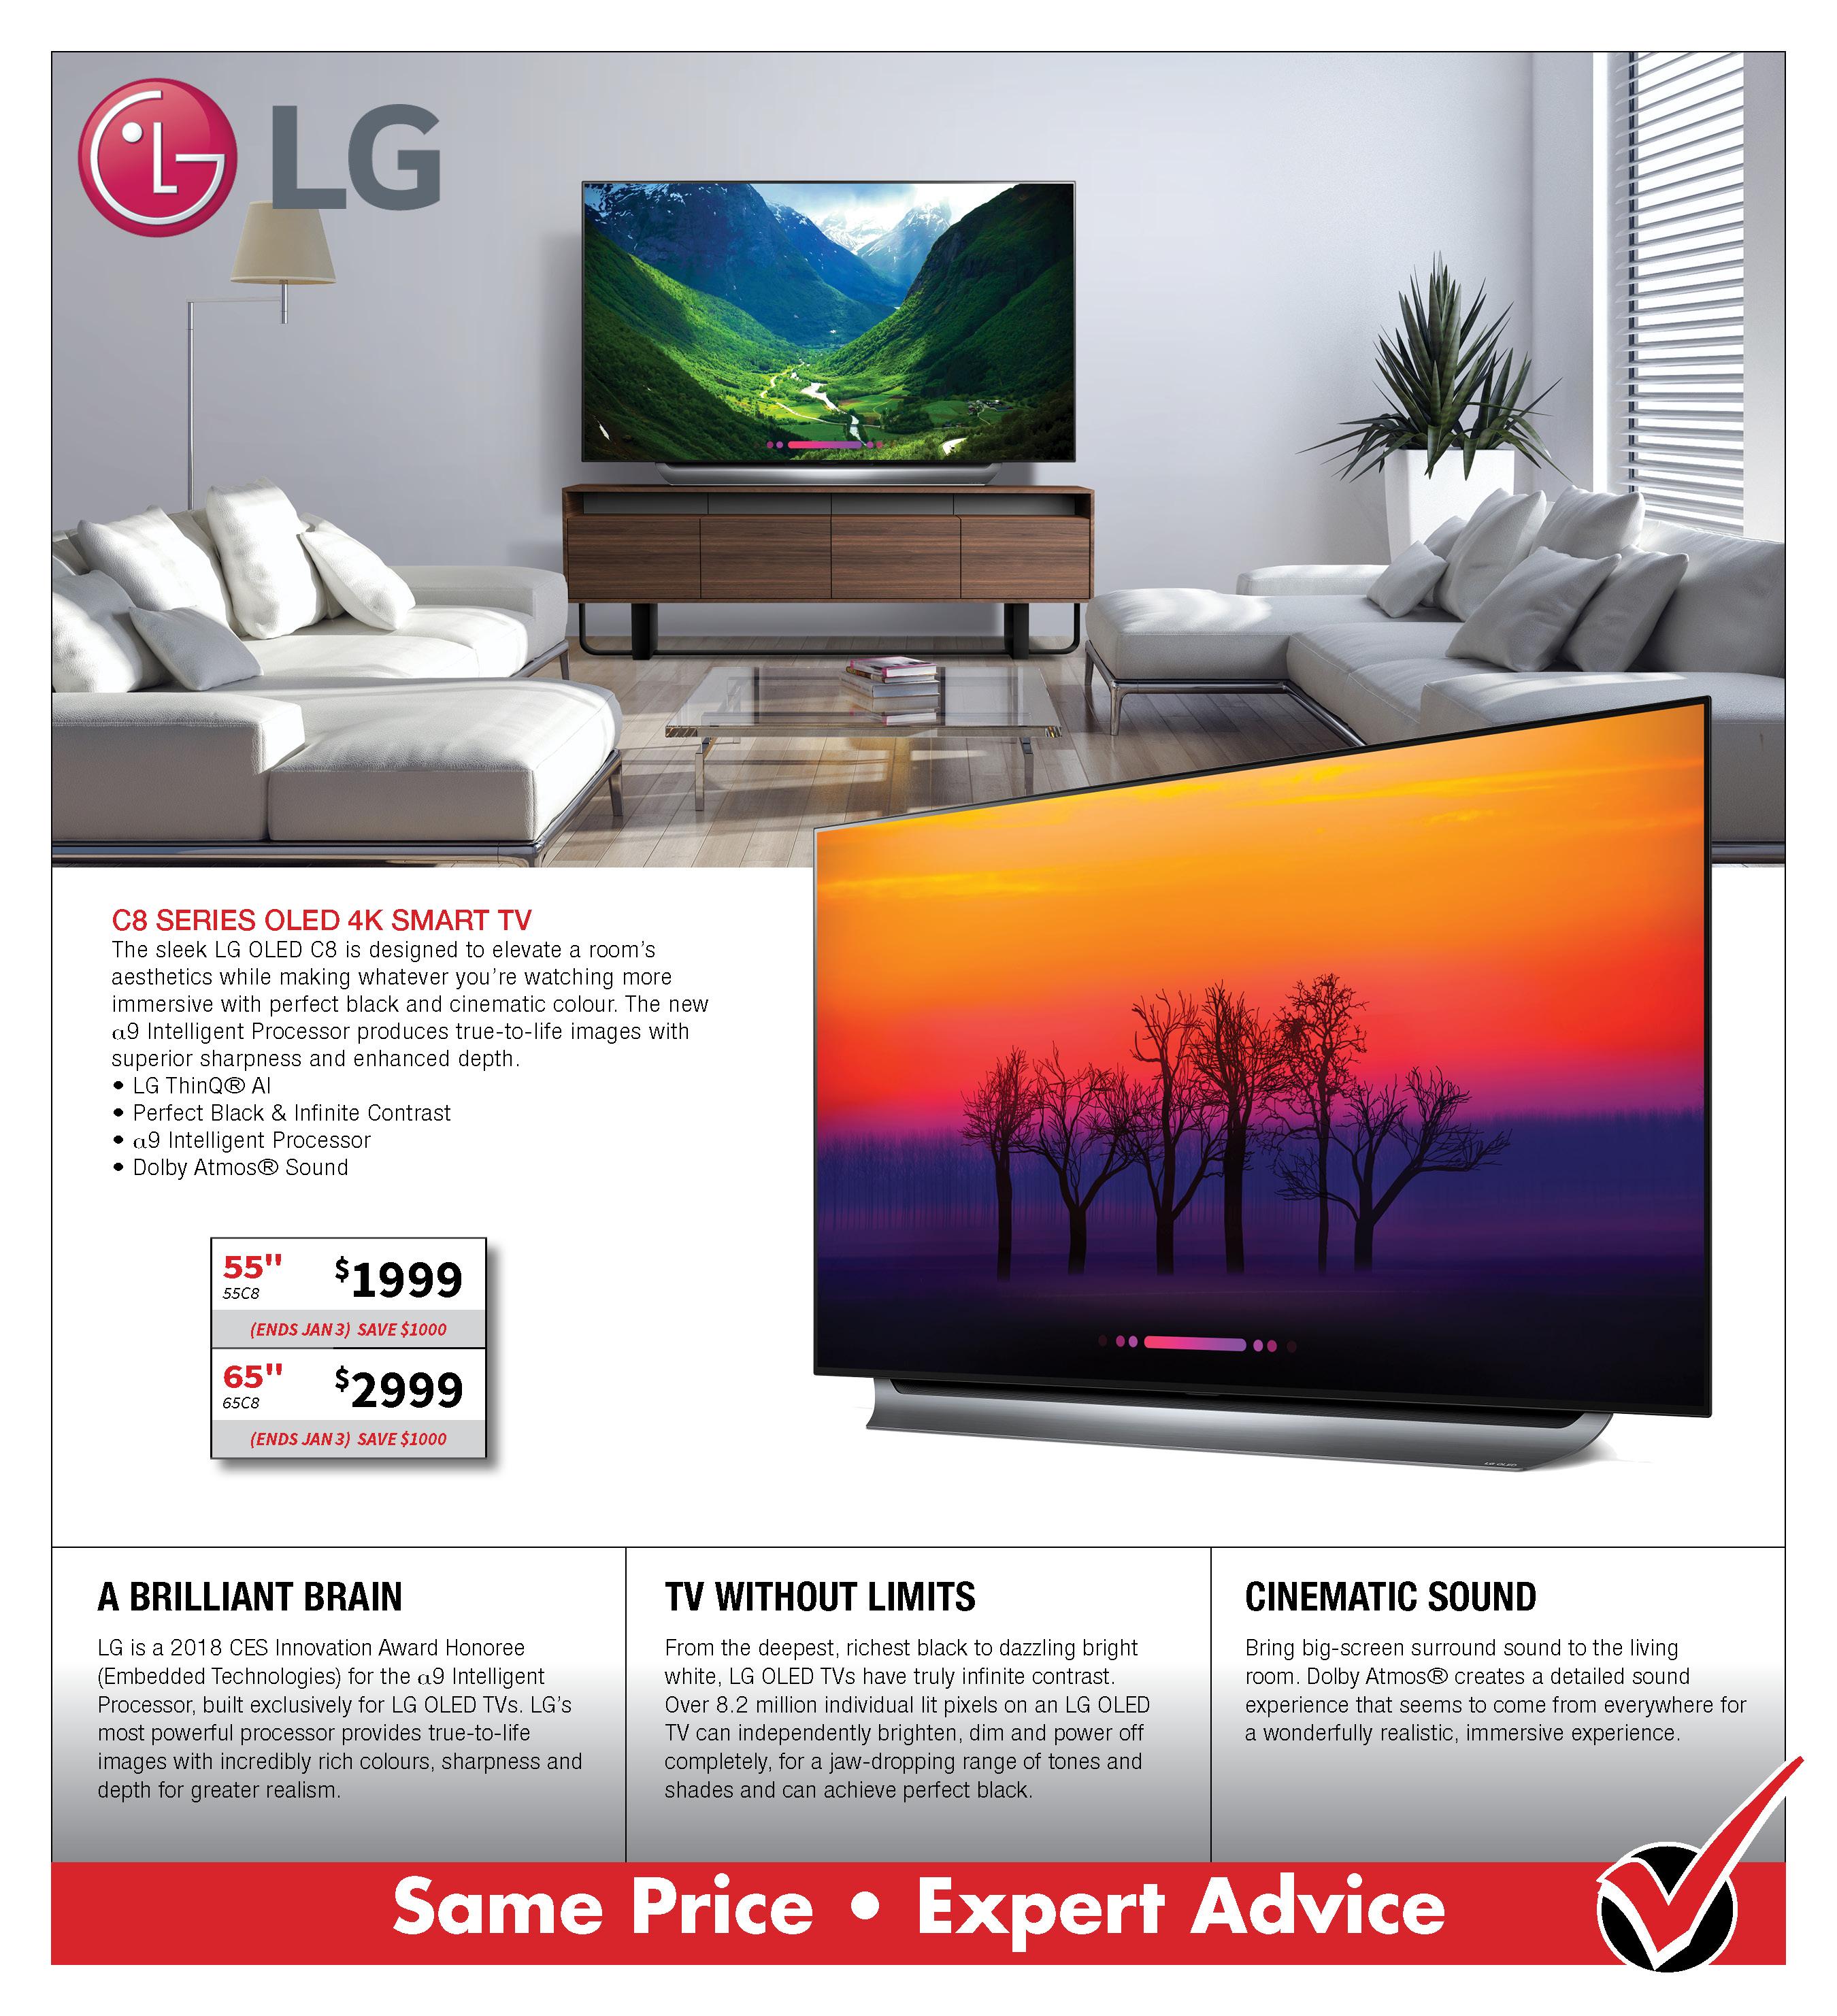 LG C8 OLED 4K SMART TV